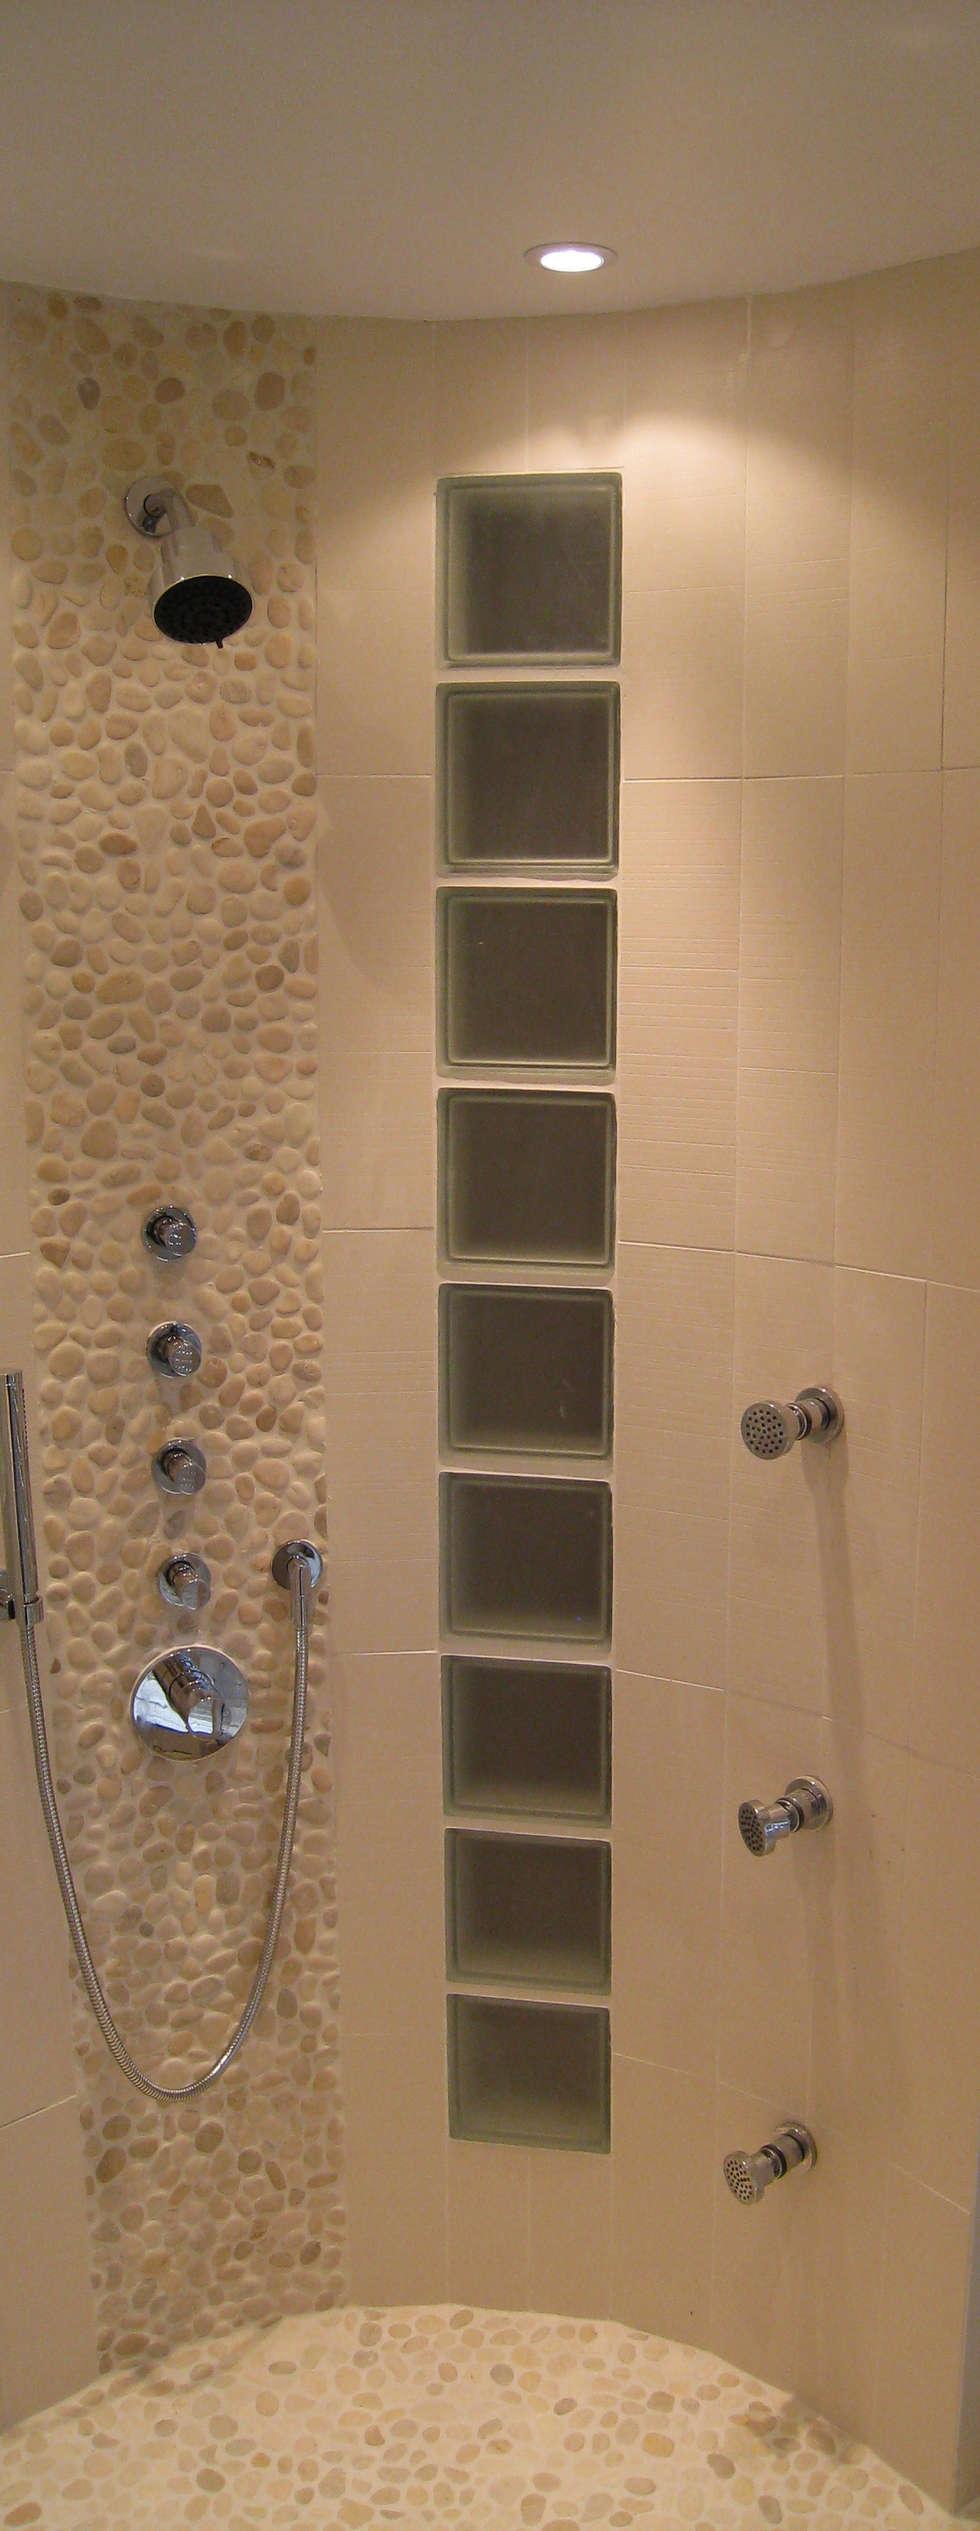 Douche en cylindre : Salon de style  par Philippe Ponceblanc Architecte d'intérieur